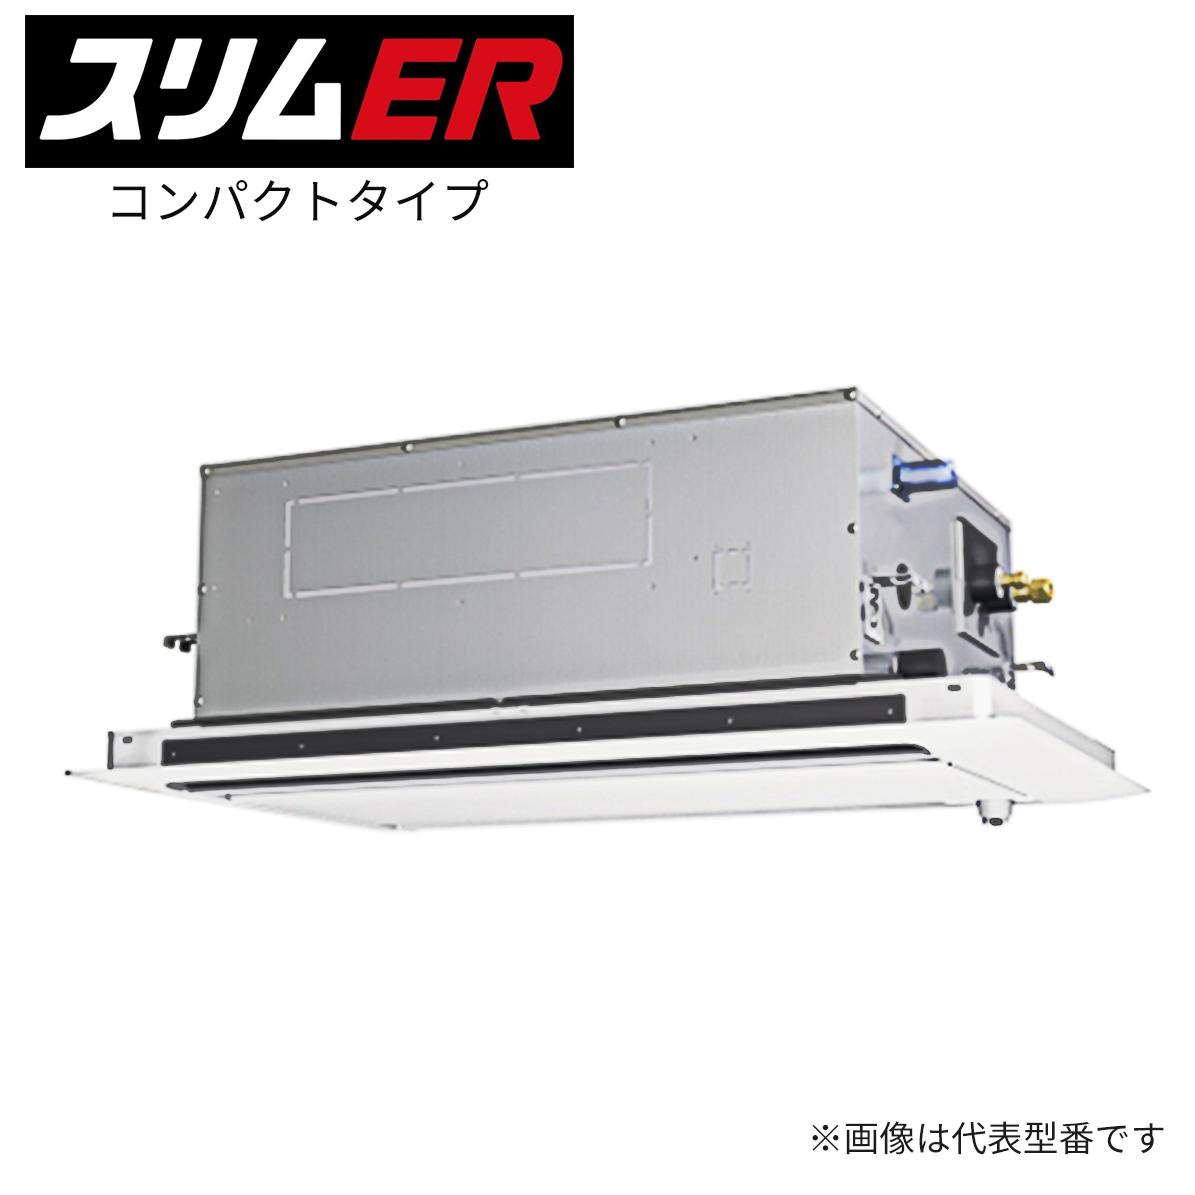 ###三菱 業務用エアコン【PLZ-ERMP140LET】スリムER コンパクトタイプ 2方向天井カセット形 標準シングル 三相200V 5馬力